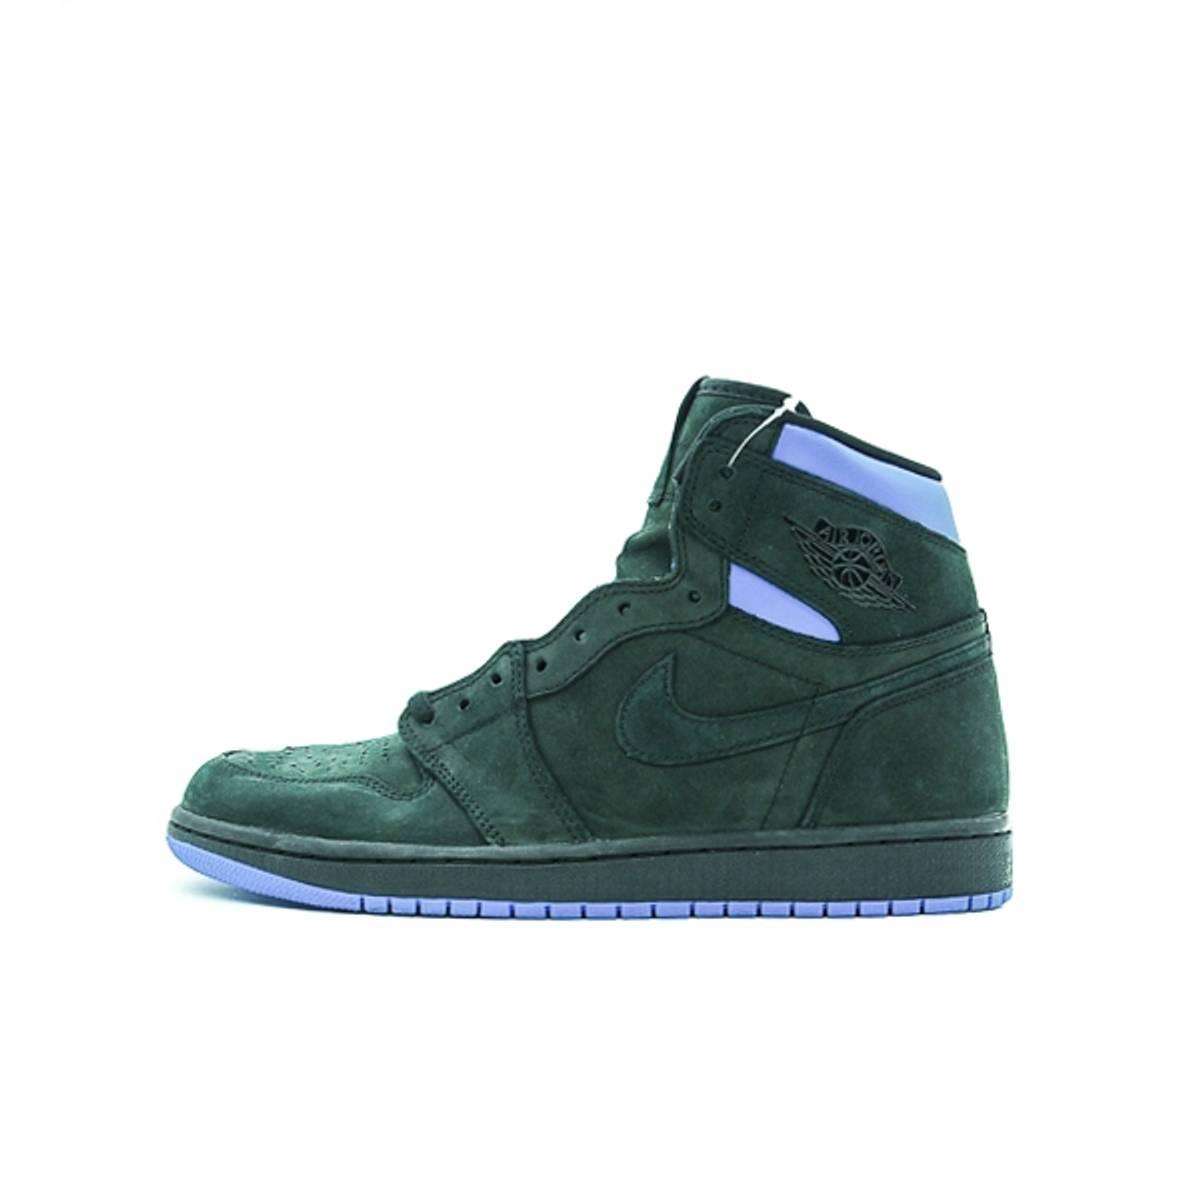 san francisco bfe21 2c8e9 Jordan Brand Air Jordan 1 Quai 54 Size 8 $375